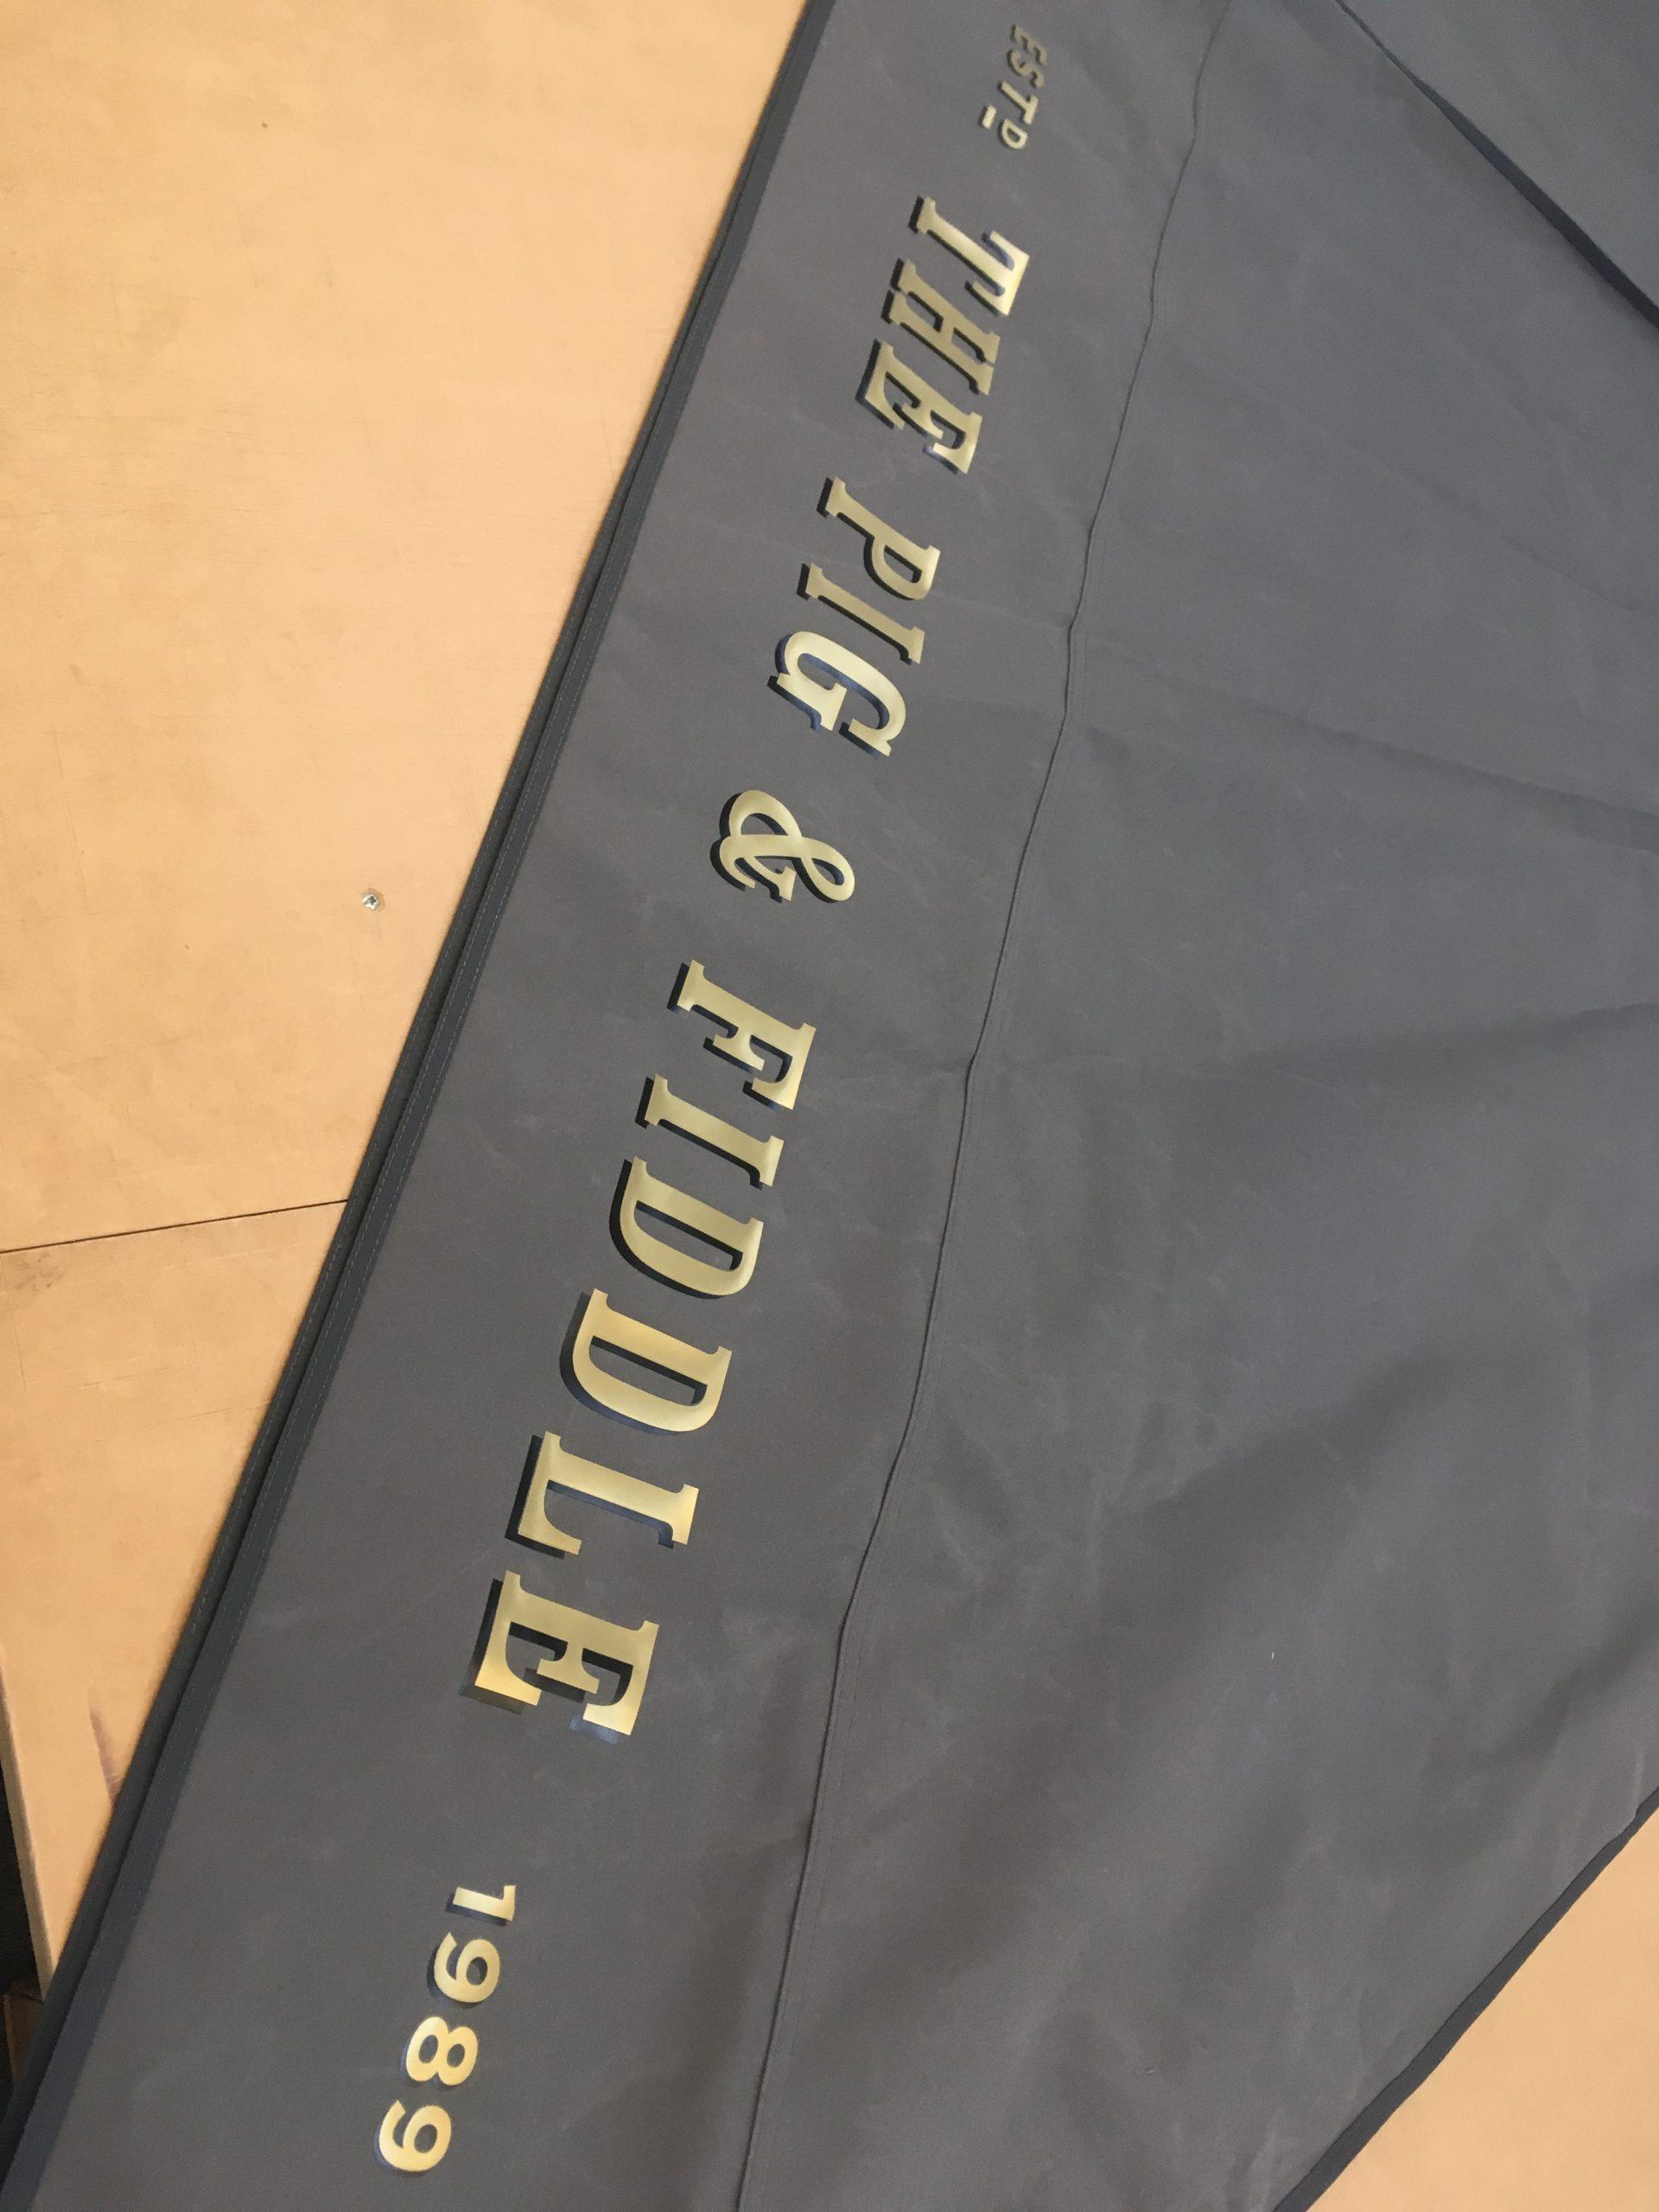 Parasol Valance Printed in Metallic Gold & Black